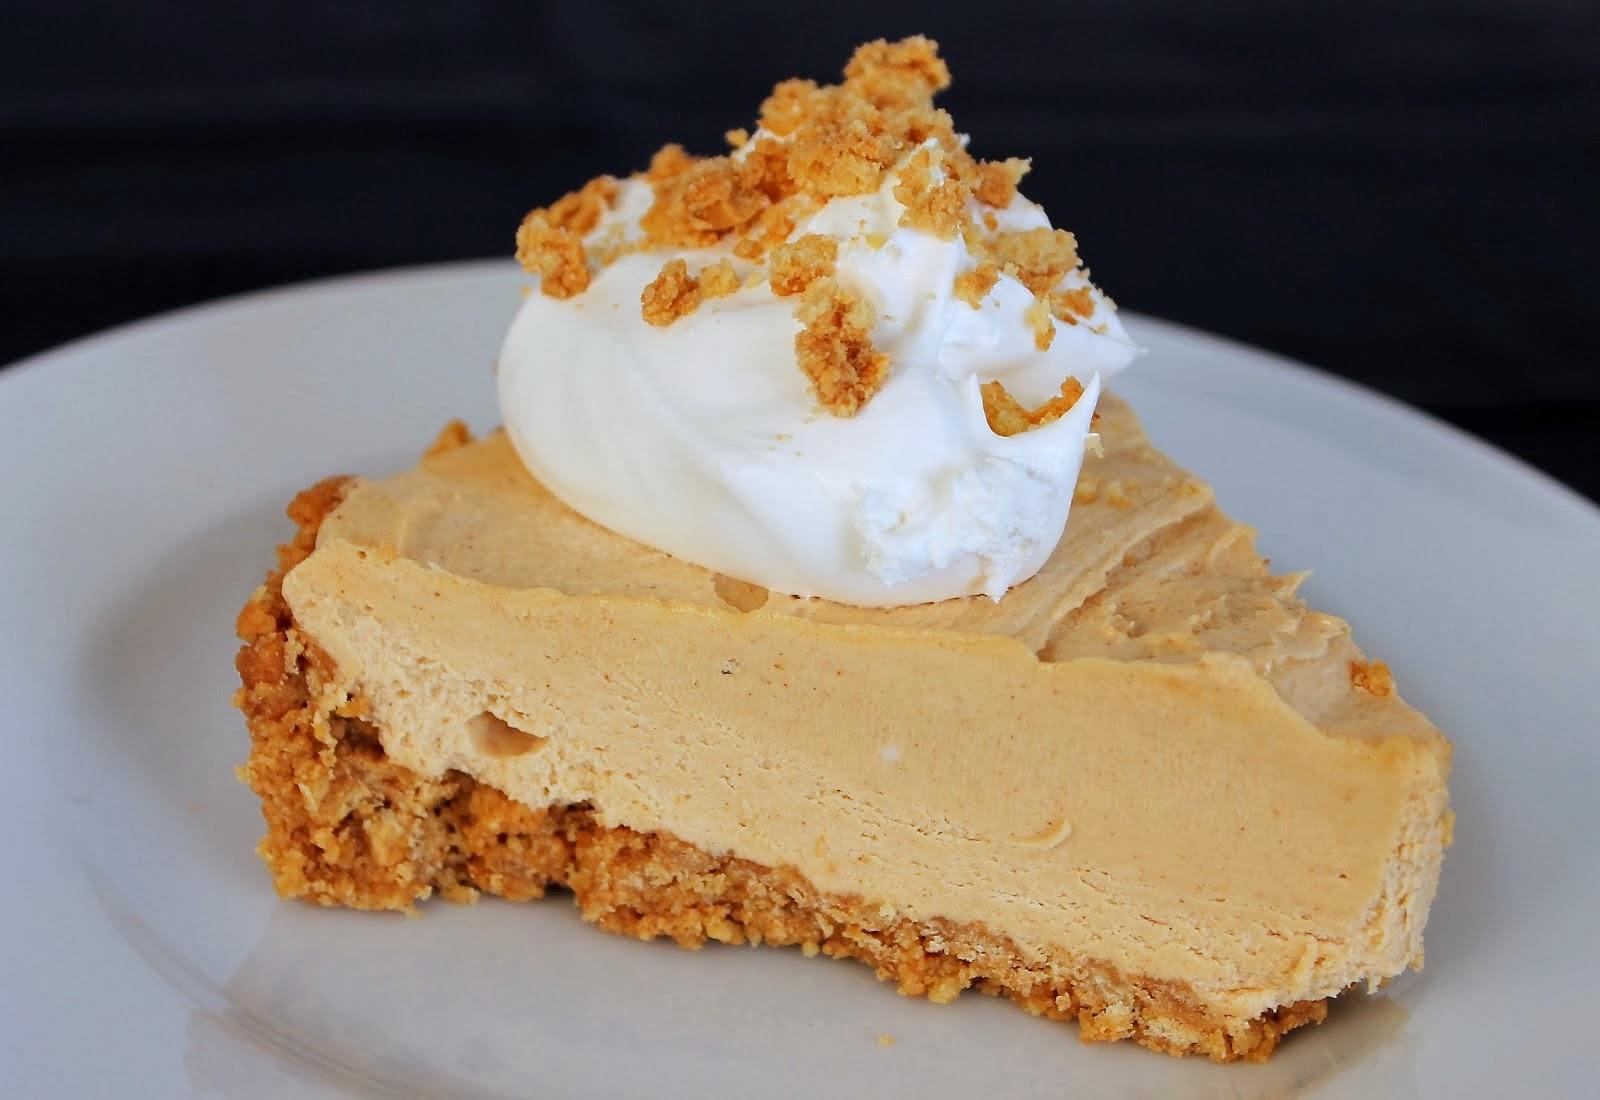 Super Creamy Nutter Butter Peanut Butter Pie - MyThirtySpot